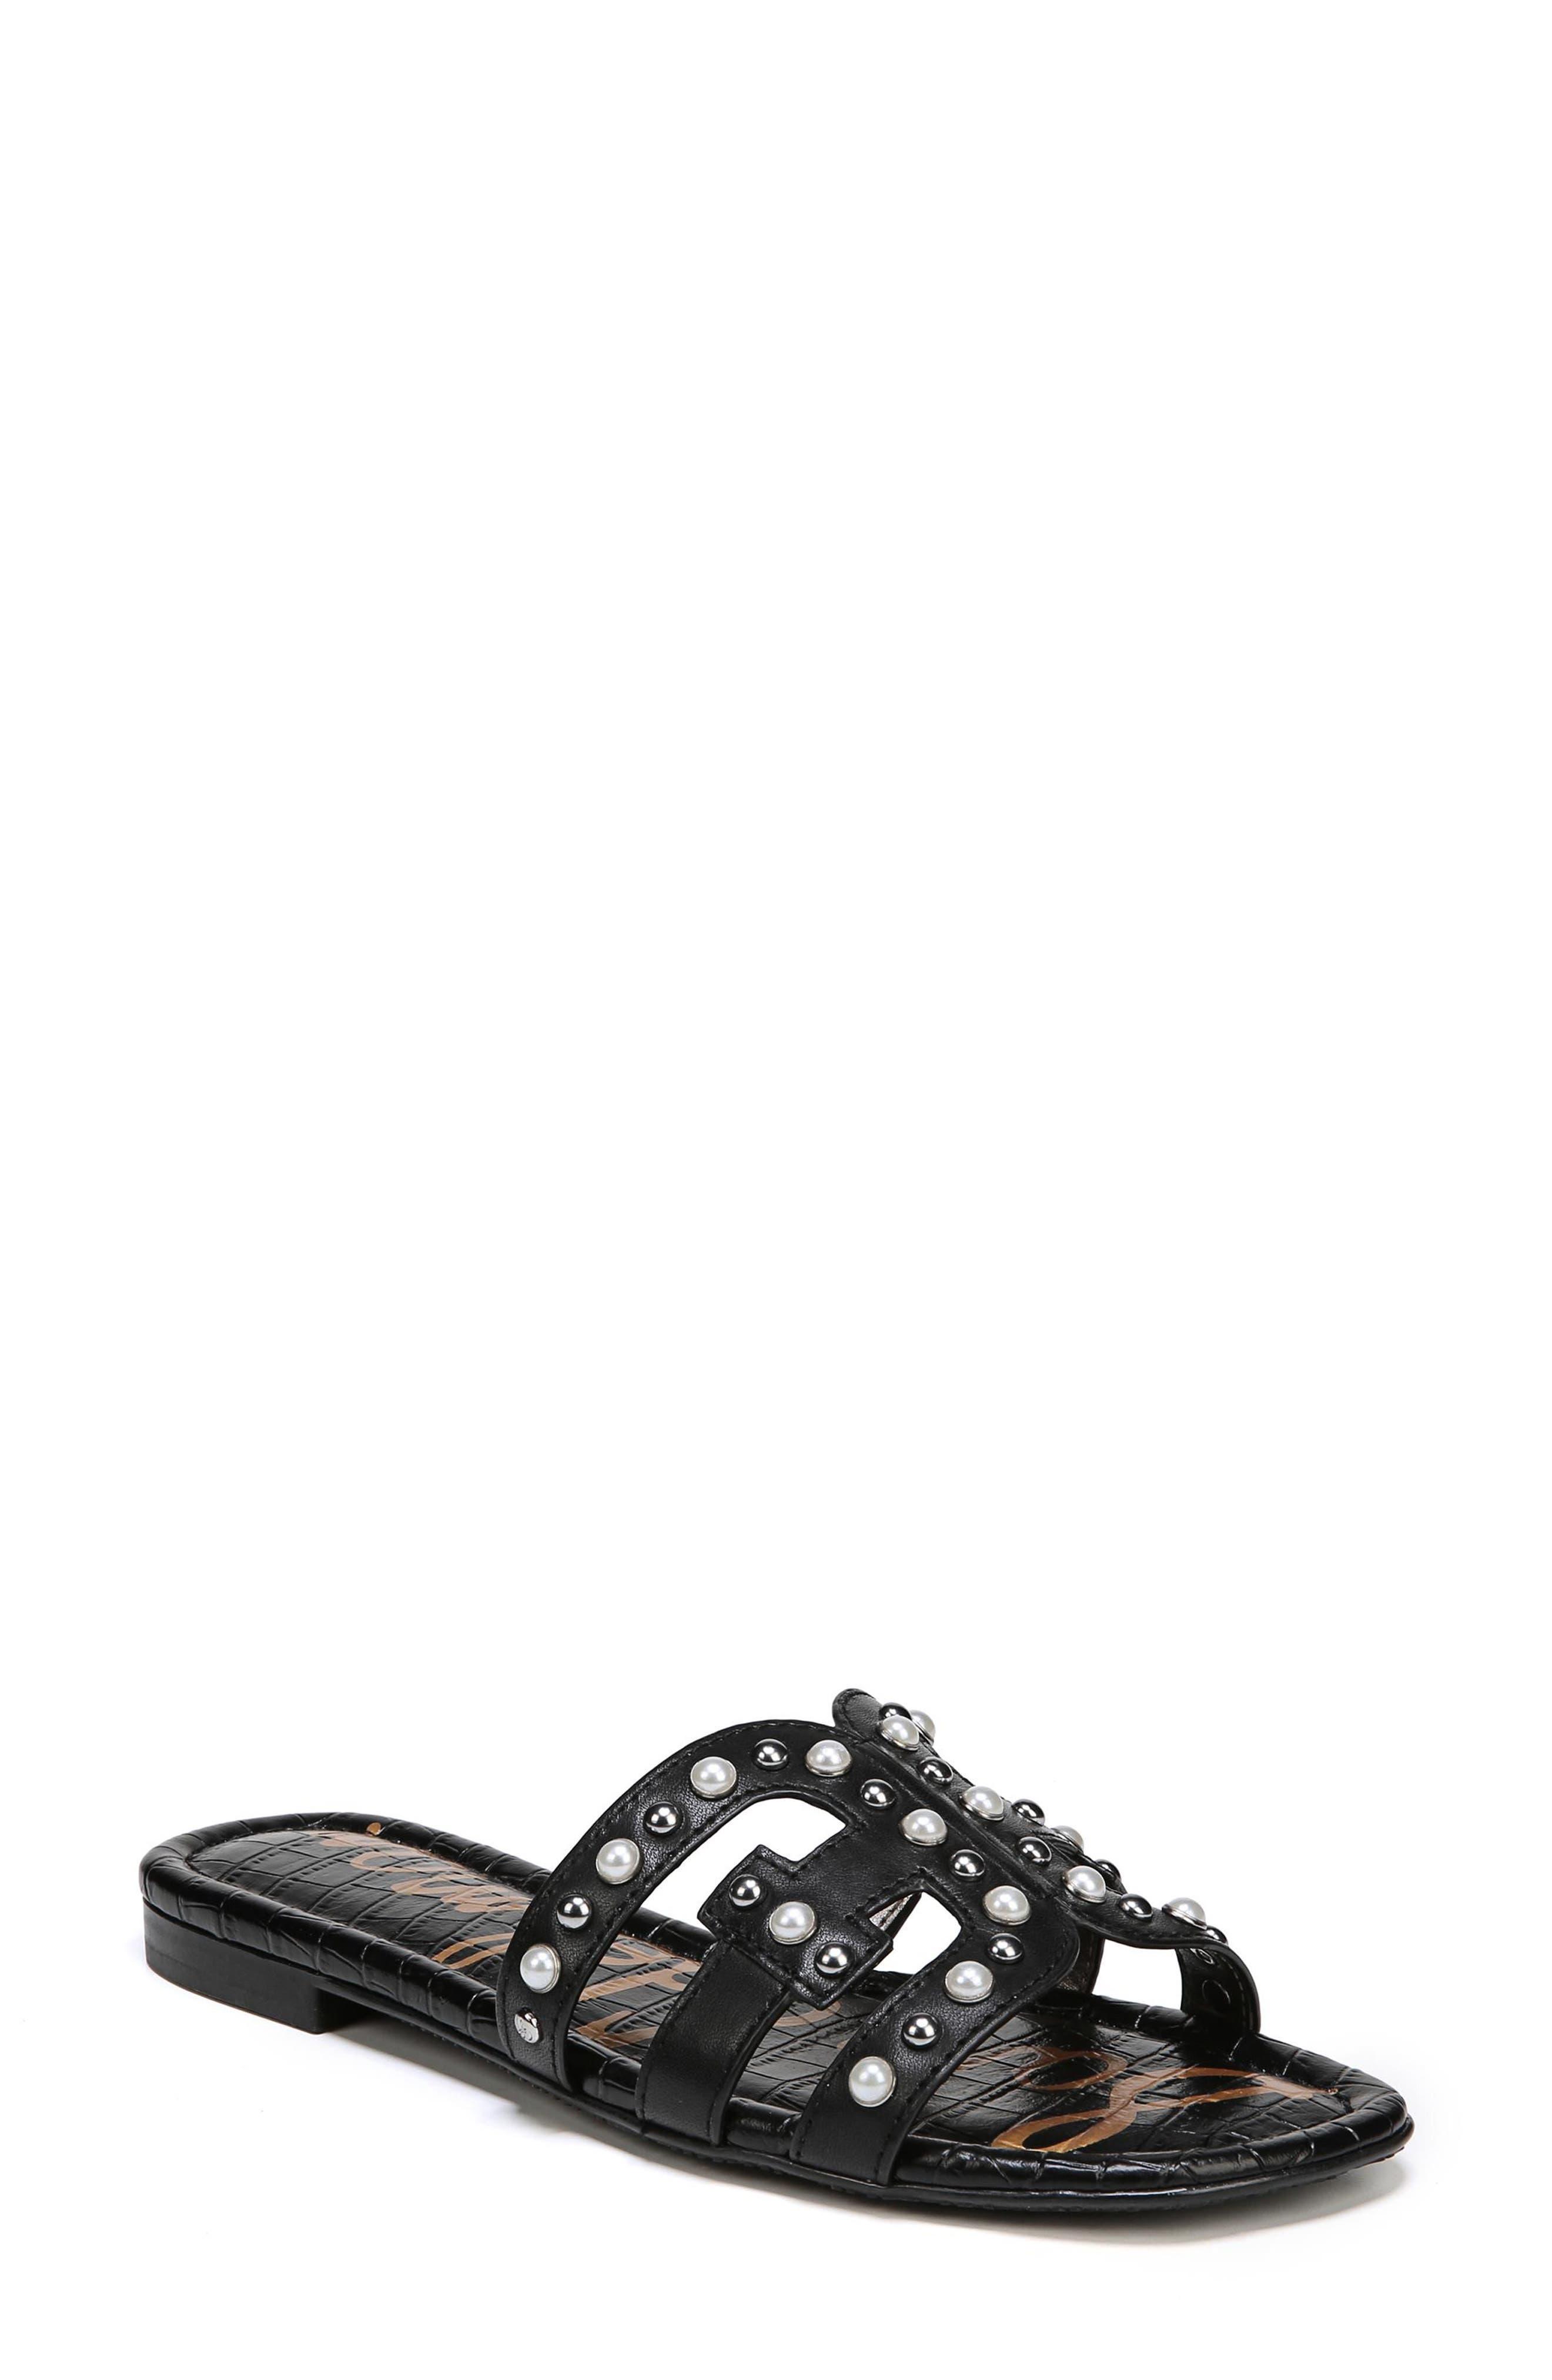 Image of Sam Edelman Bay 2 Embellished Slide Sandal